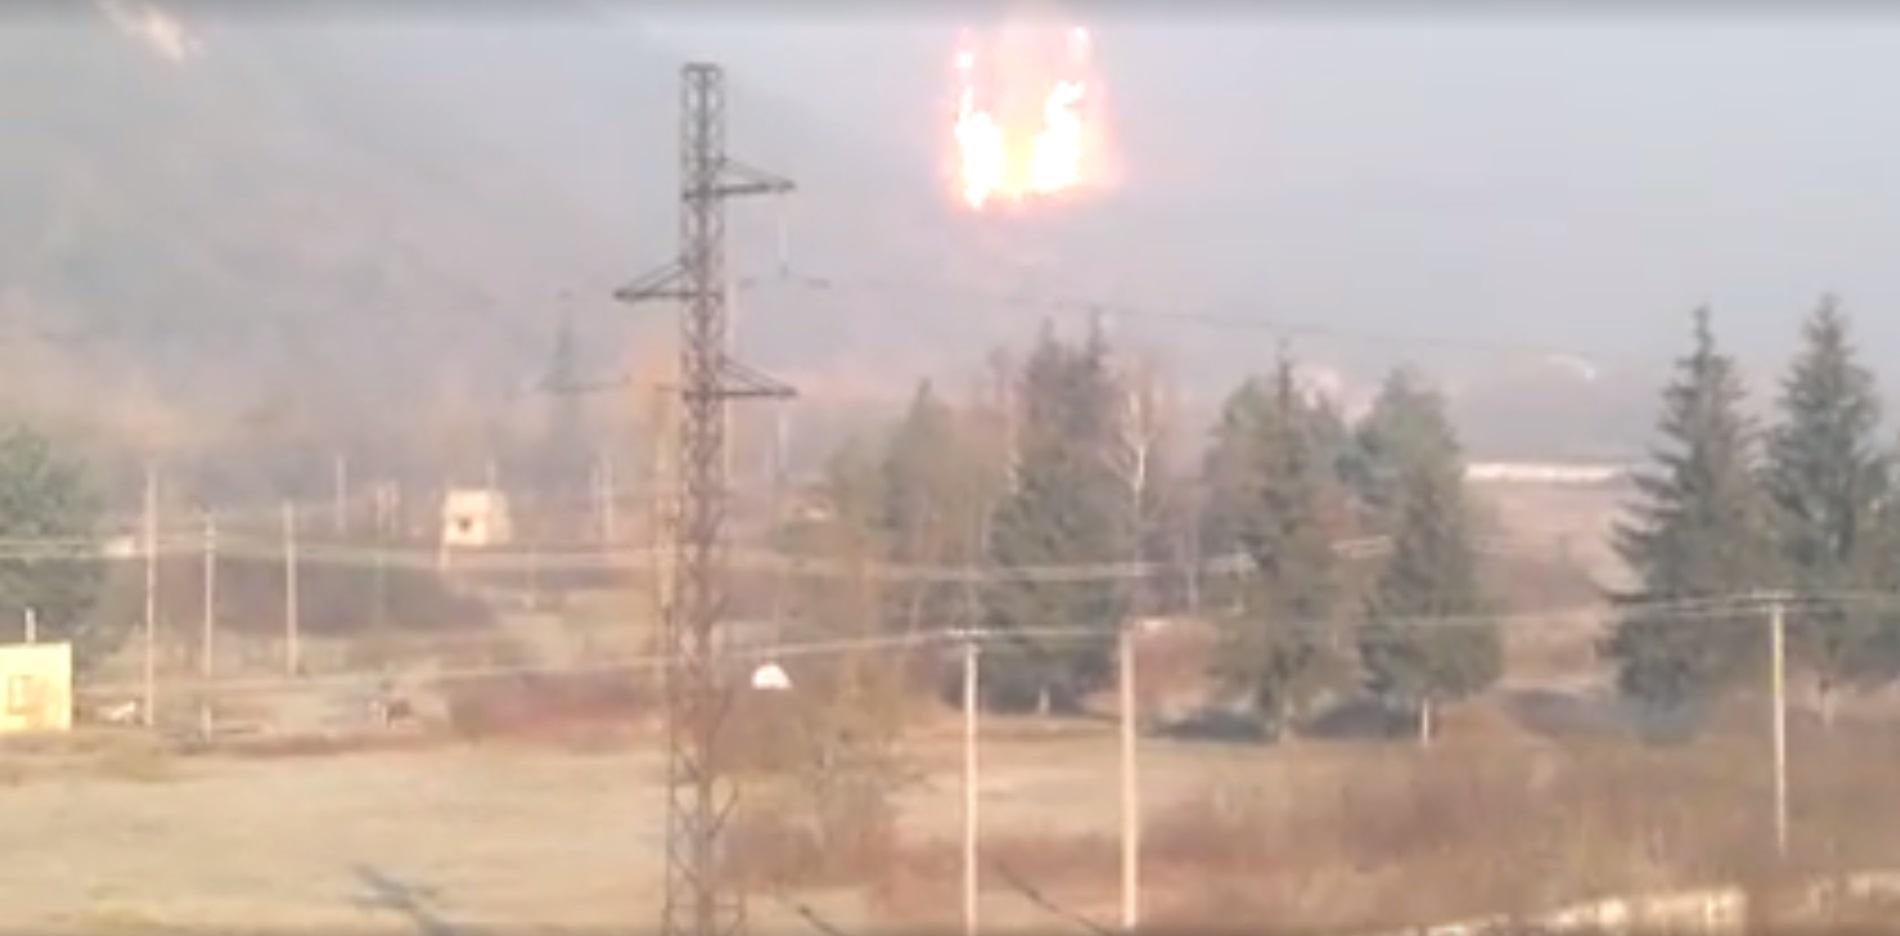 Felrobbant az Európát és Oroszországot összekötő gázvezeték Husztnál